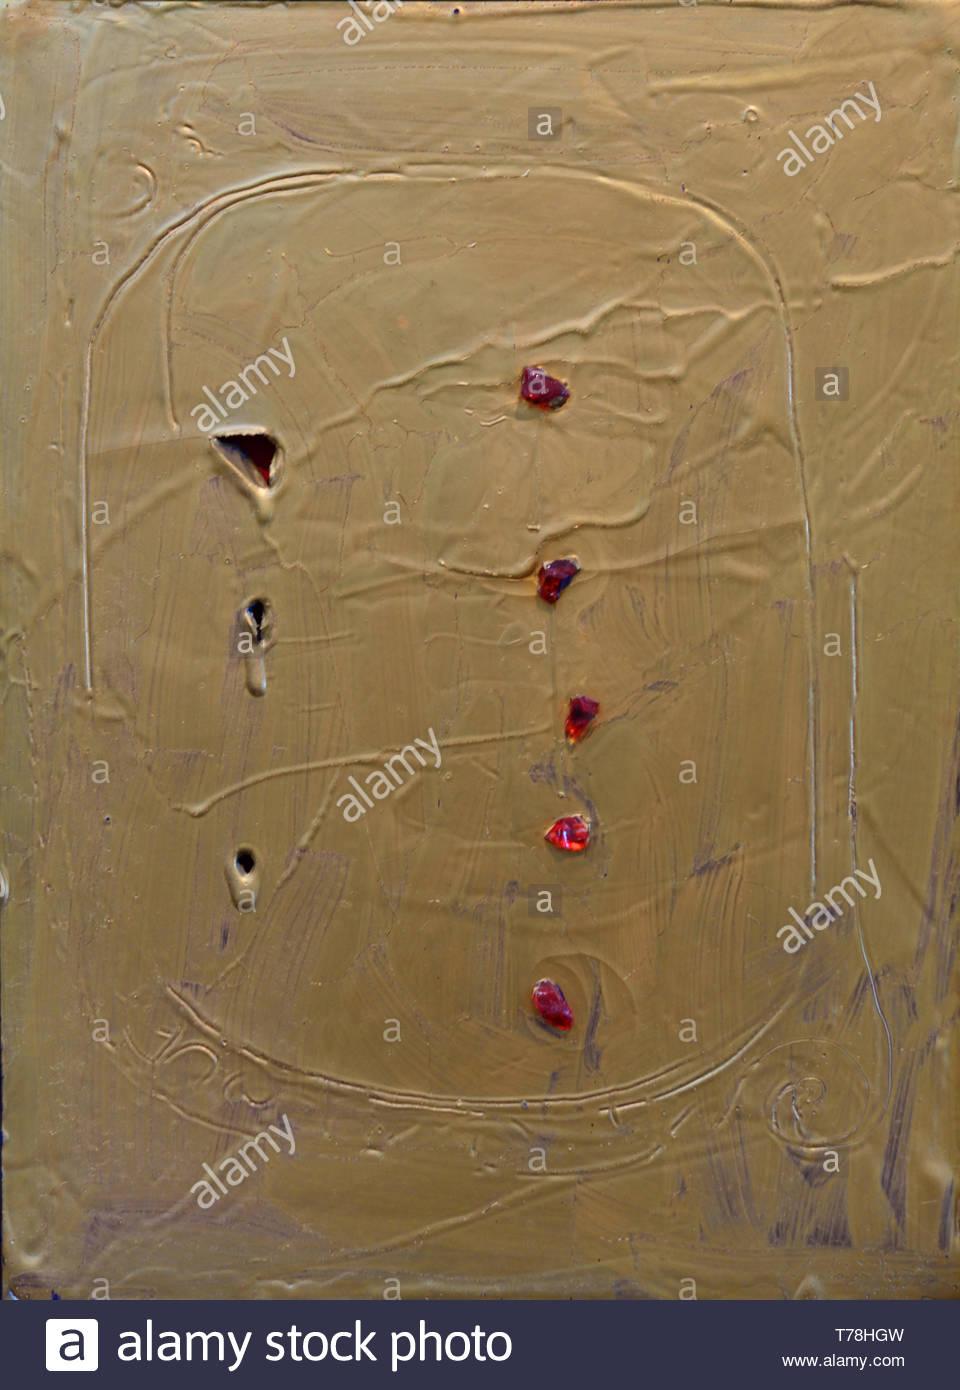 Concetto Spaziale - concepto espacial de Lucio Fontana, nacido en 1899, Argentina Imagen De Stock